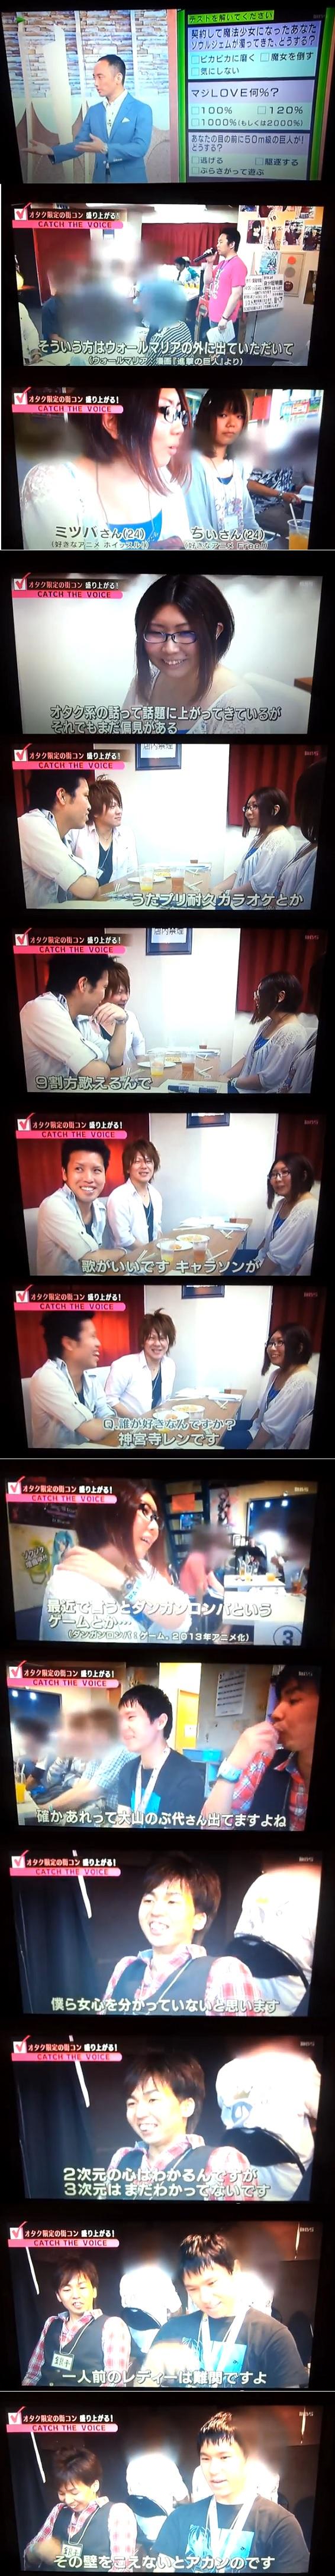 오타쿠 맞선 이벤트 '오타콘'의 모습을 취재한 TV 보도